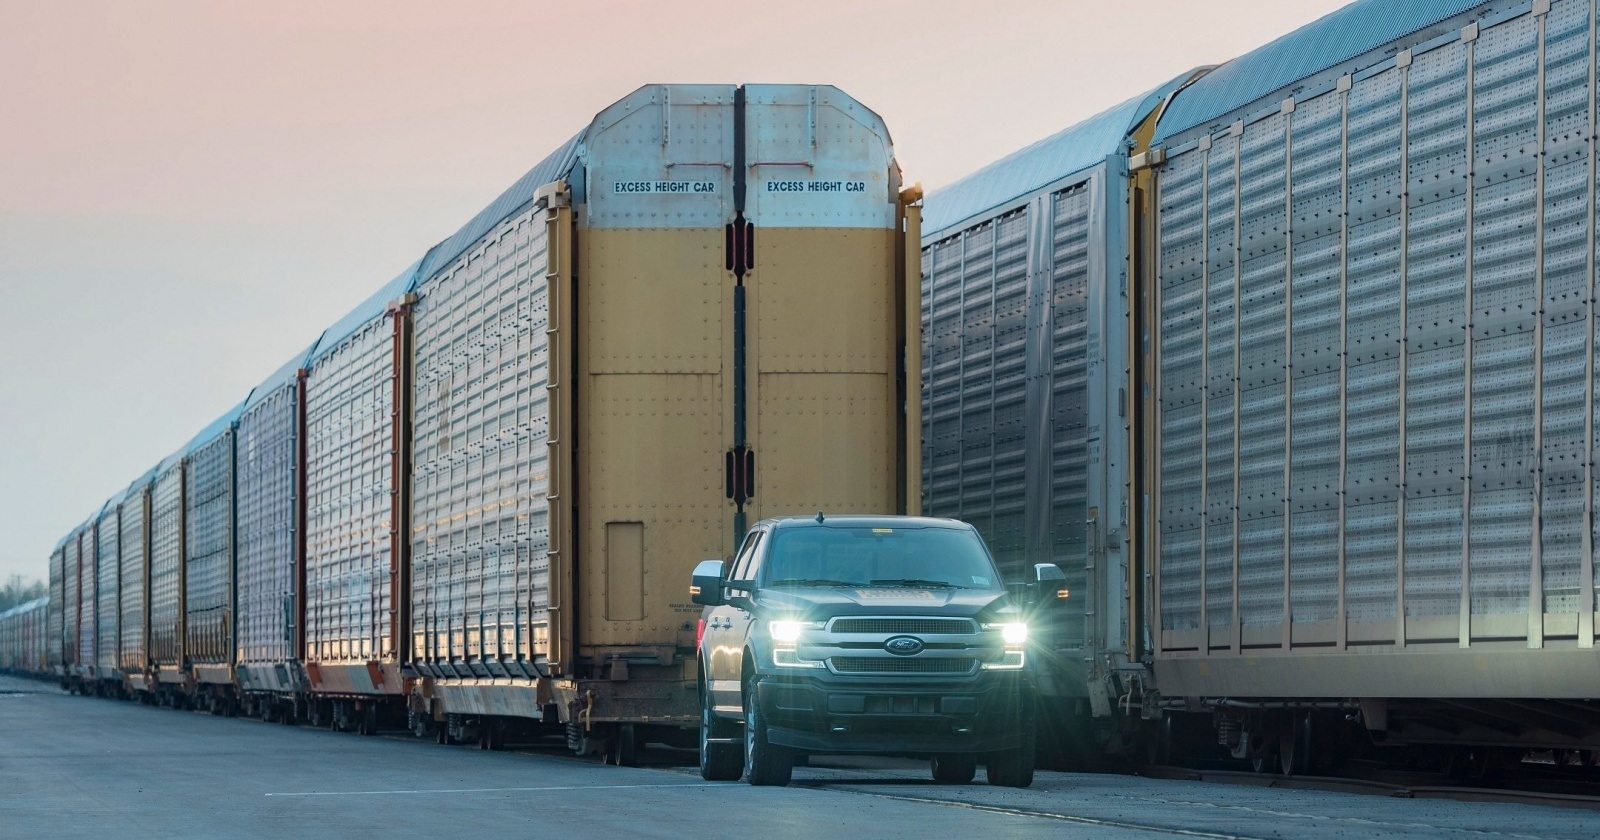 Может ли пикап буксировать поезд? Отвечает главный инженер Ford F-150